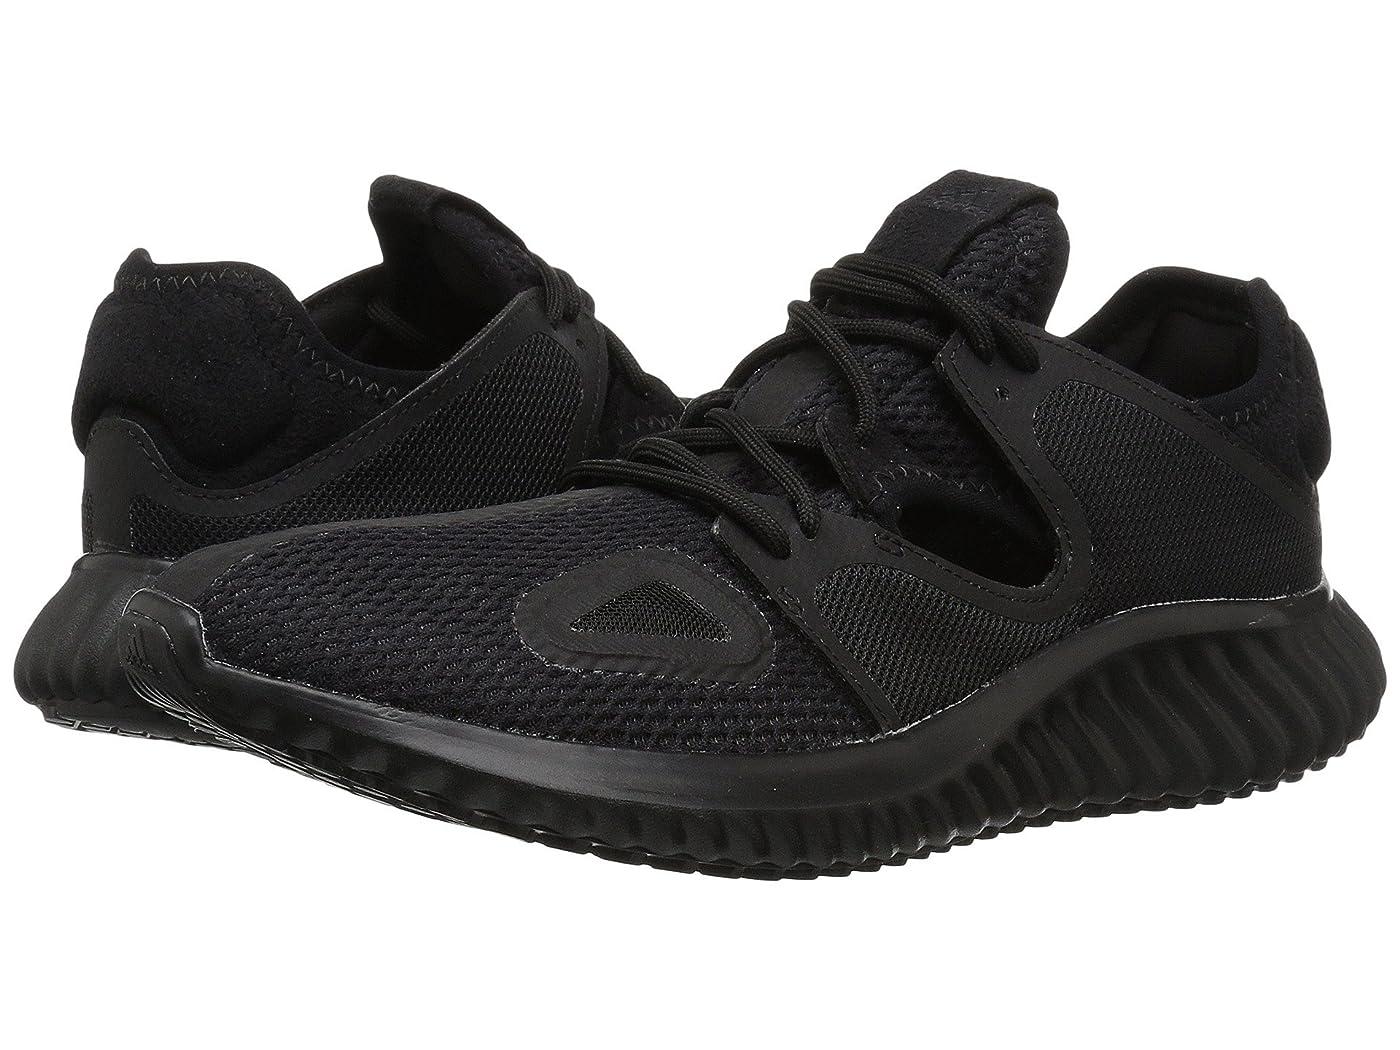 支援する可能にする彼女自身(アディダス) adidas レディースランニングシューズ?スニーカー?靴 Run Lux Clima Core Black/Carbon/Core Black 7.5 (24.5cm) B - Medium